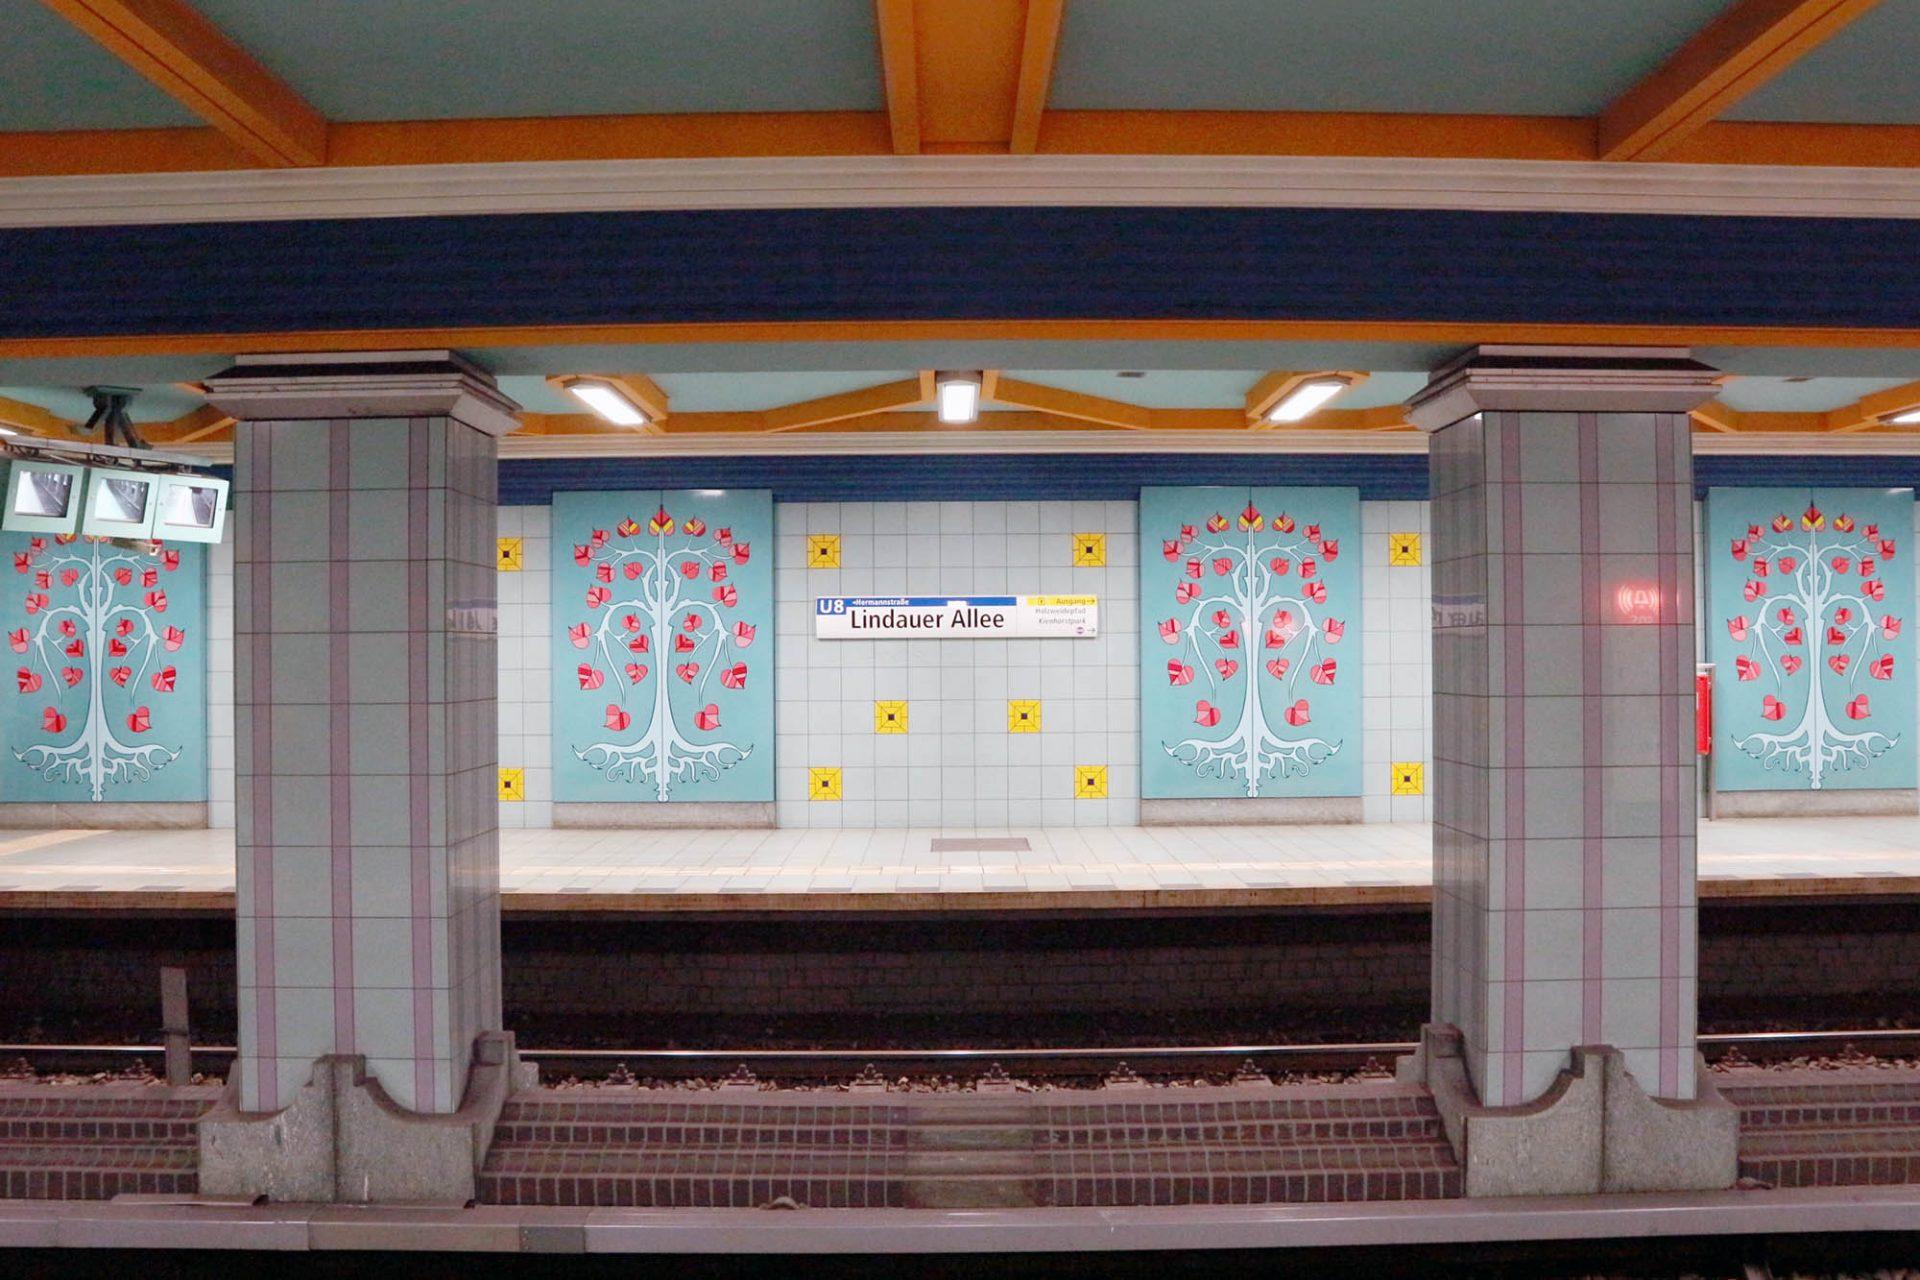 Lindauer Allee. Der letzte Streckenabschnitt wurde erst am 24. September 1994 eröffnet. Im märchenhaft gestalteten Bahnhof Lindauer Allee verwendete Rümmler Symbole des Lindauer Stadtwappens, den Lindenbaum. Pinkfarbene, herzförmige Blätter sprießen aus stilisierten Bäumen. Von den Böden brüllen Löwenköpfe.